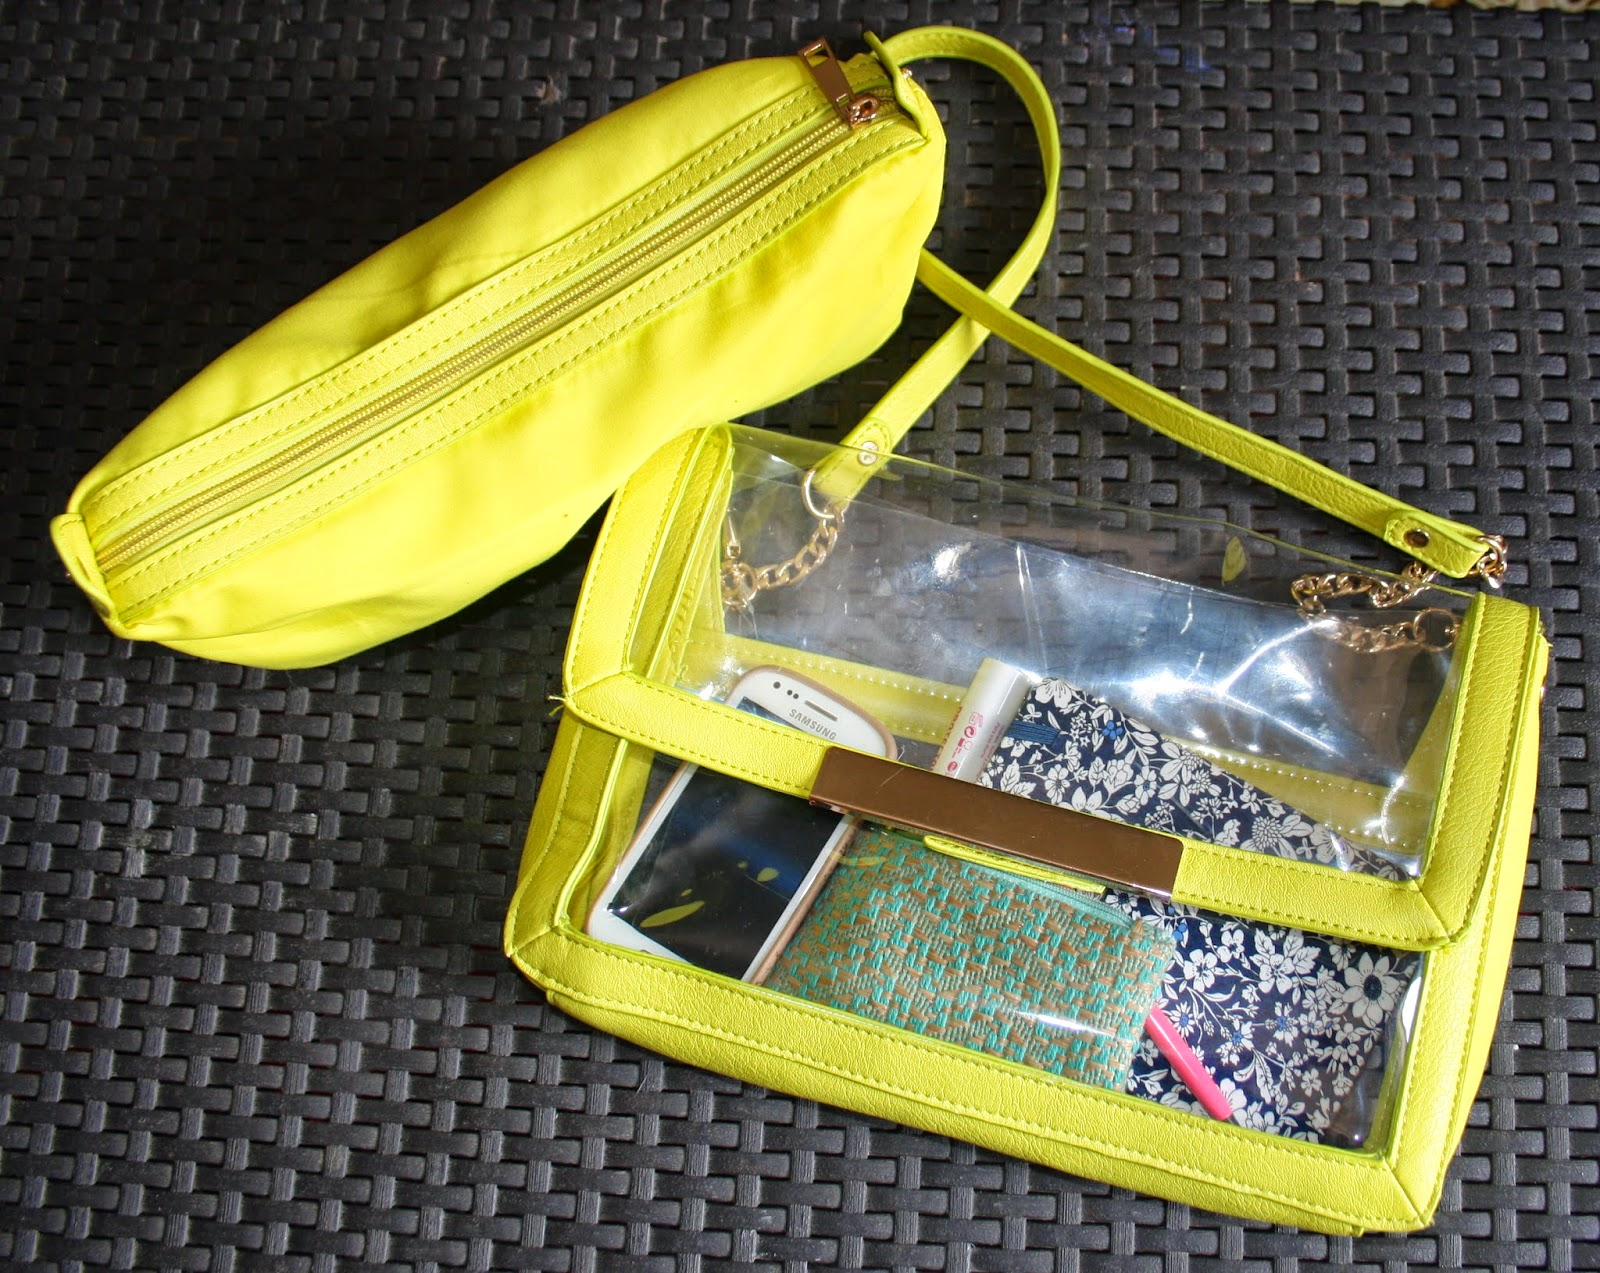 bolso transparente amarillo